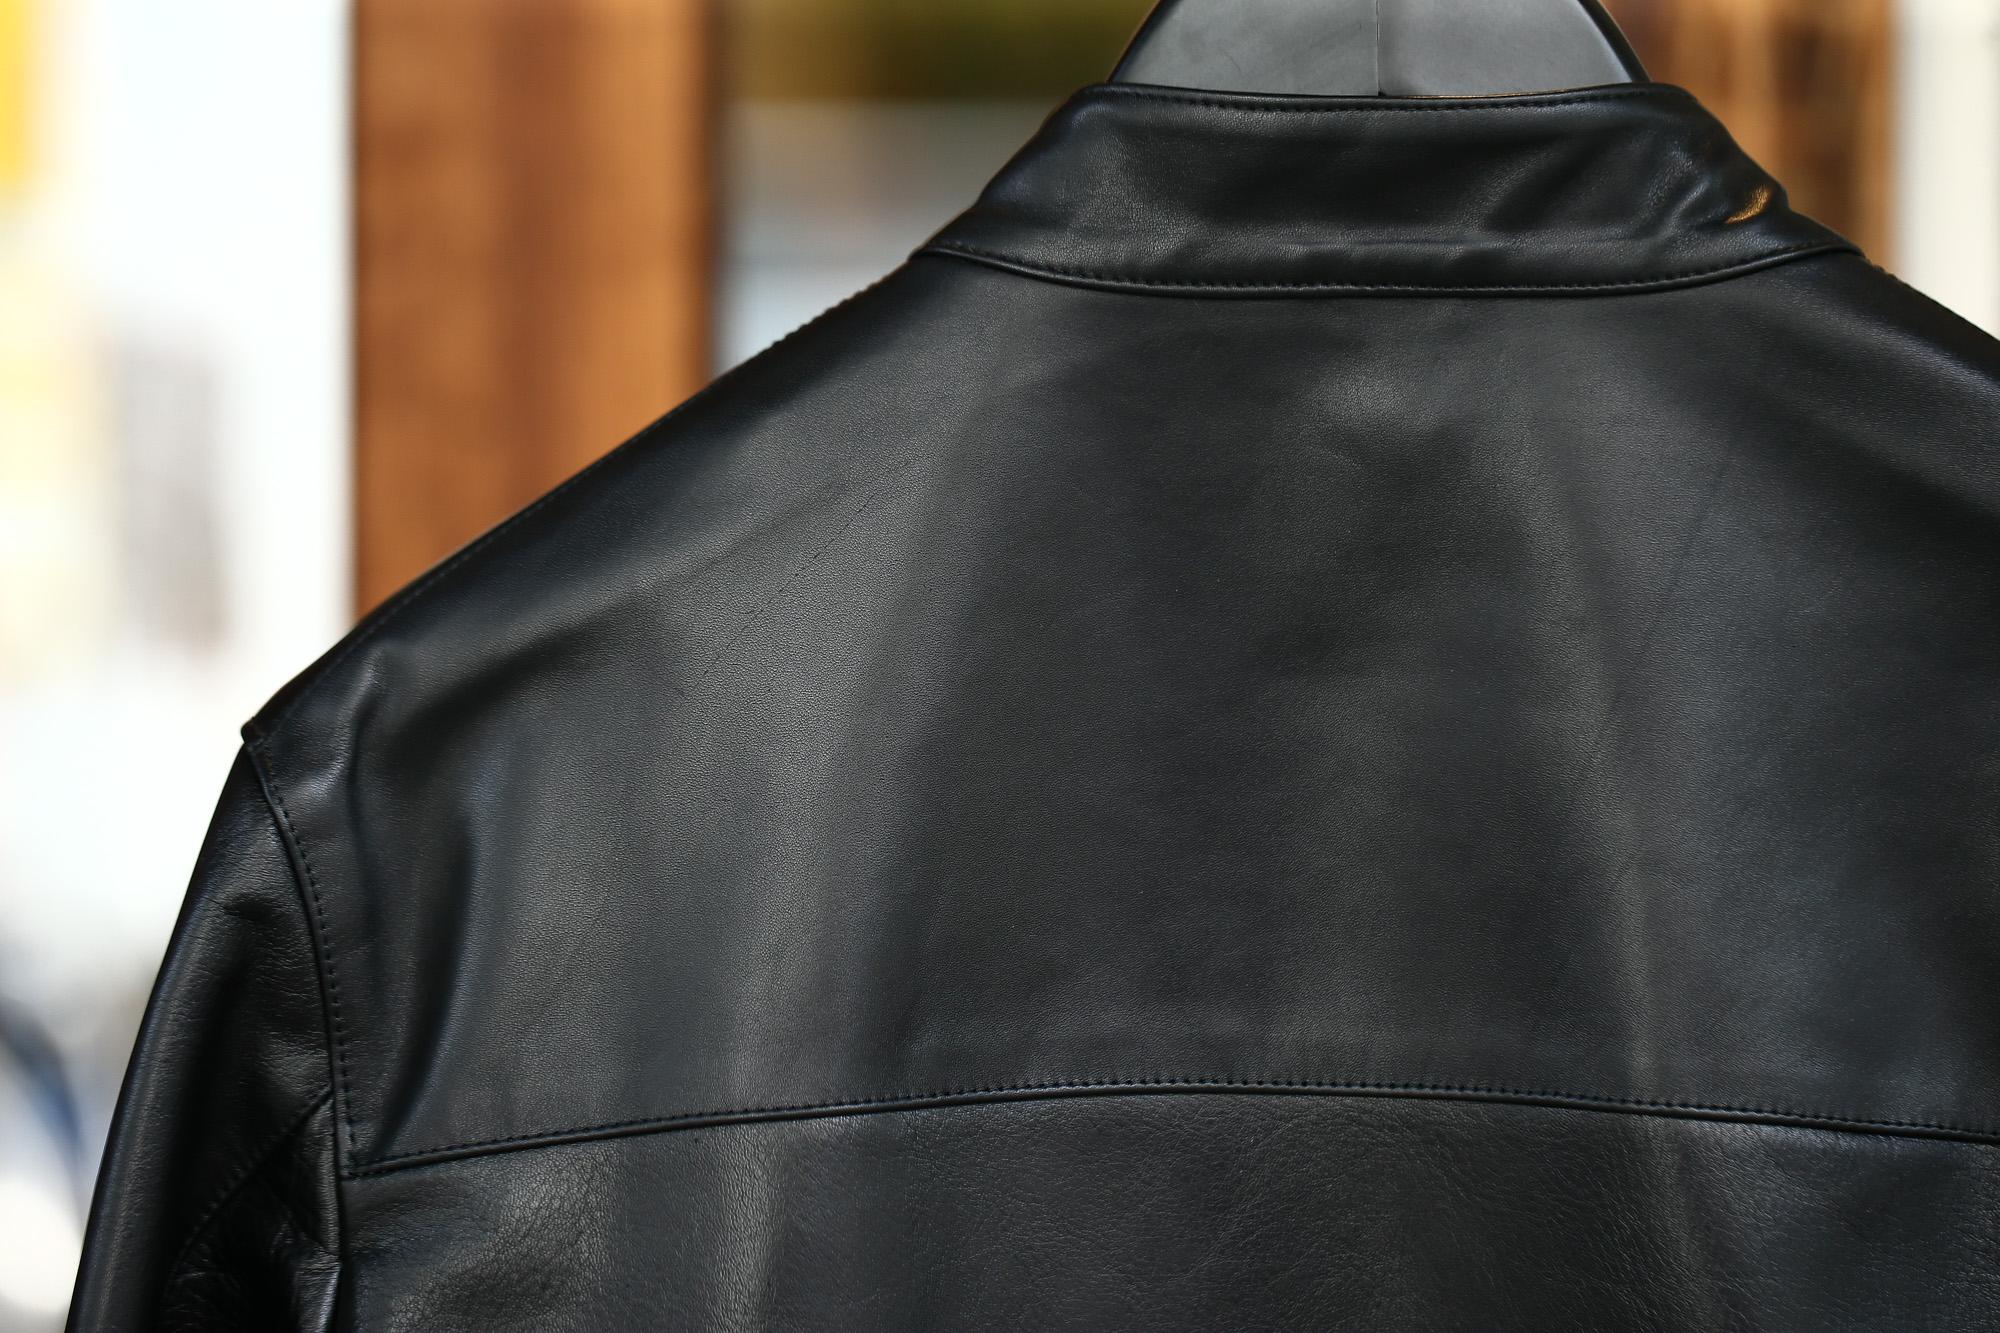 【CINQUANTA / チンクアンタ】 6621/1 STAND COLLAR RIDERS CAVALLO (スタンド カラー ジャケット) HORSE LEATHER ホースレザー シングル ライダース ジャケット BLACK (ブラック・999) Made in italy (イタリア製) 2017 秋冬新作 cinquanta チンクアンタ レザージャケット 愛知 名古屋 ZODIAC ゾディアック